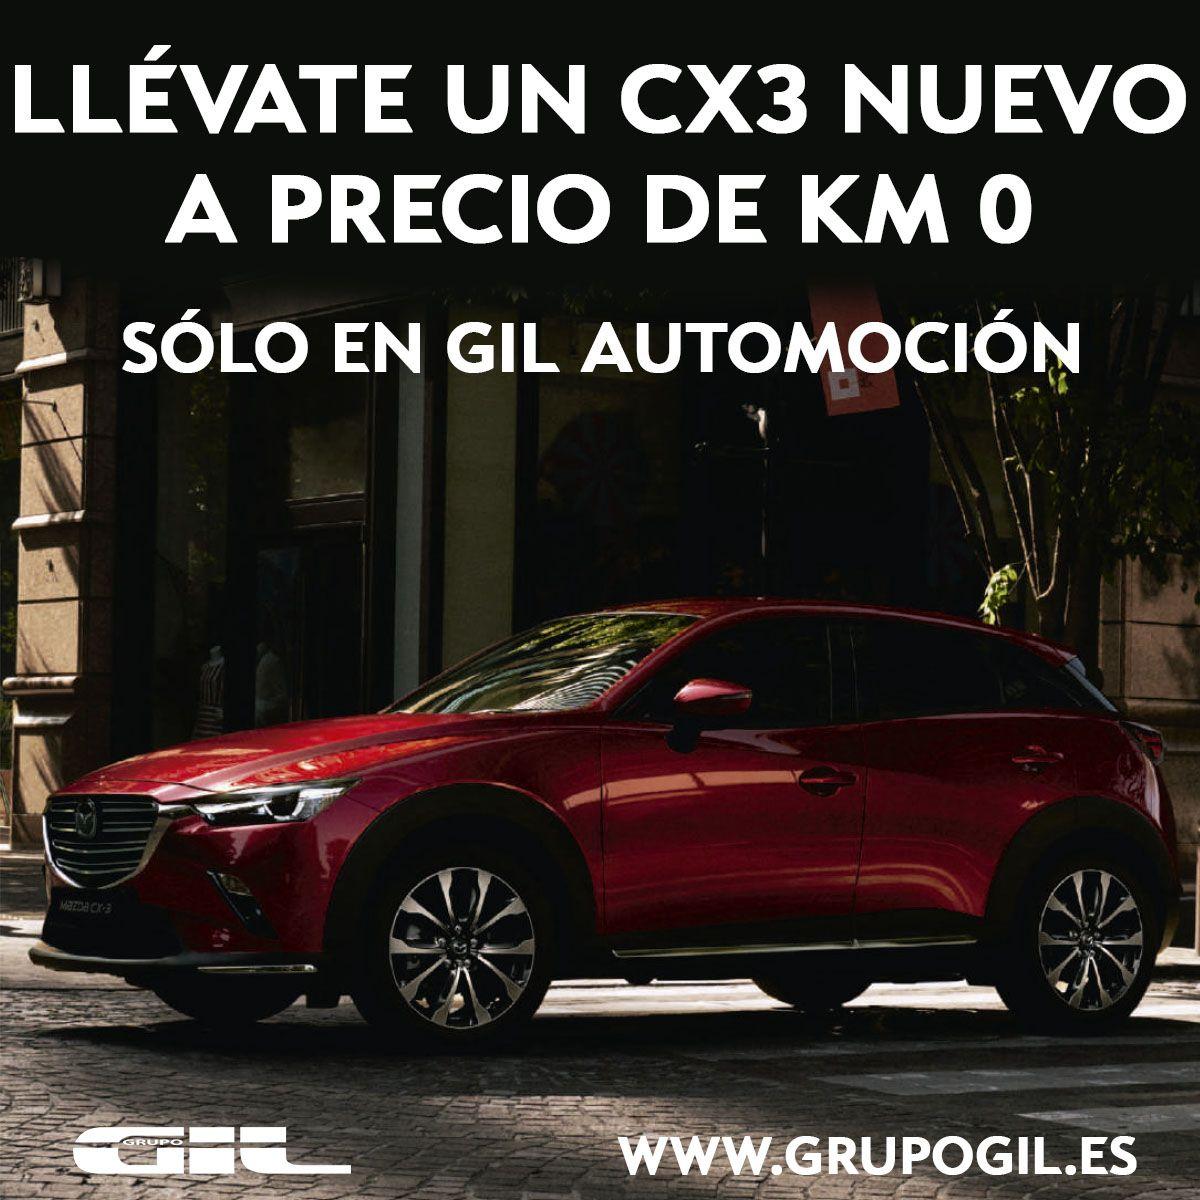 TIENES UN CX3 NUEVO A PRECIO DE KM 0